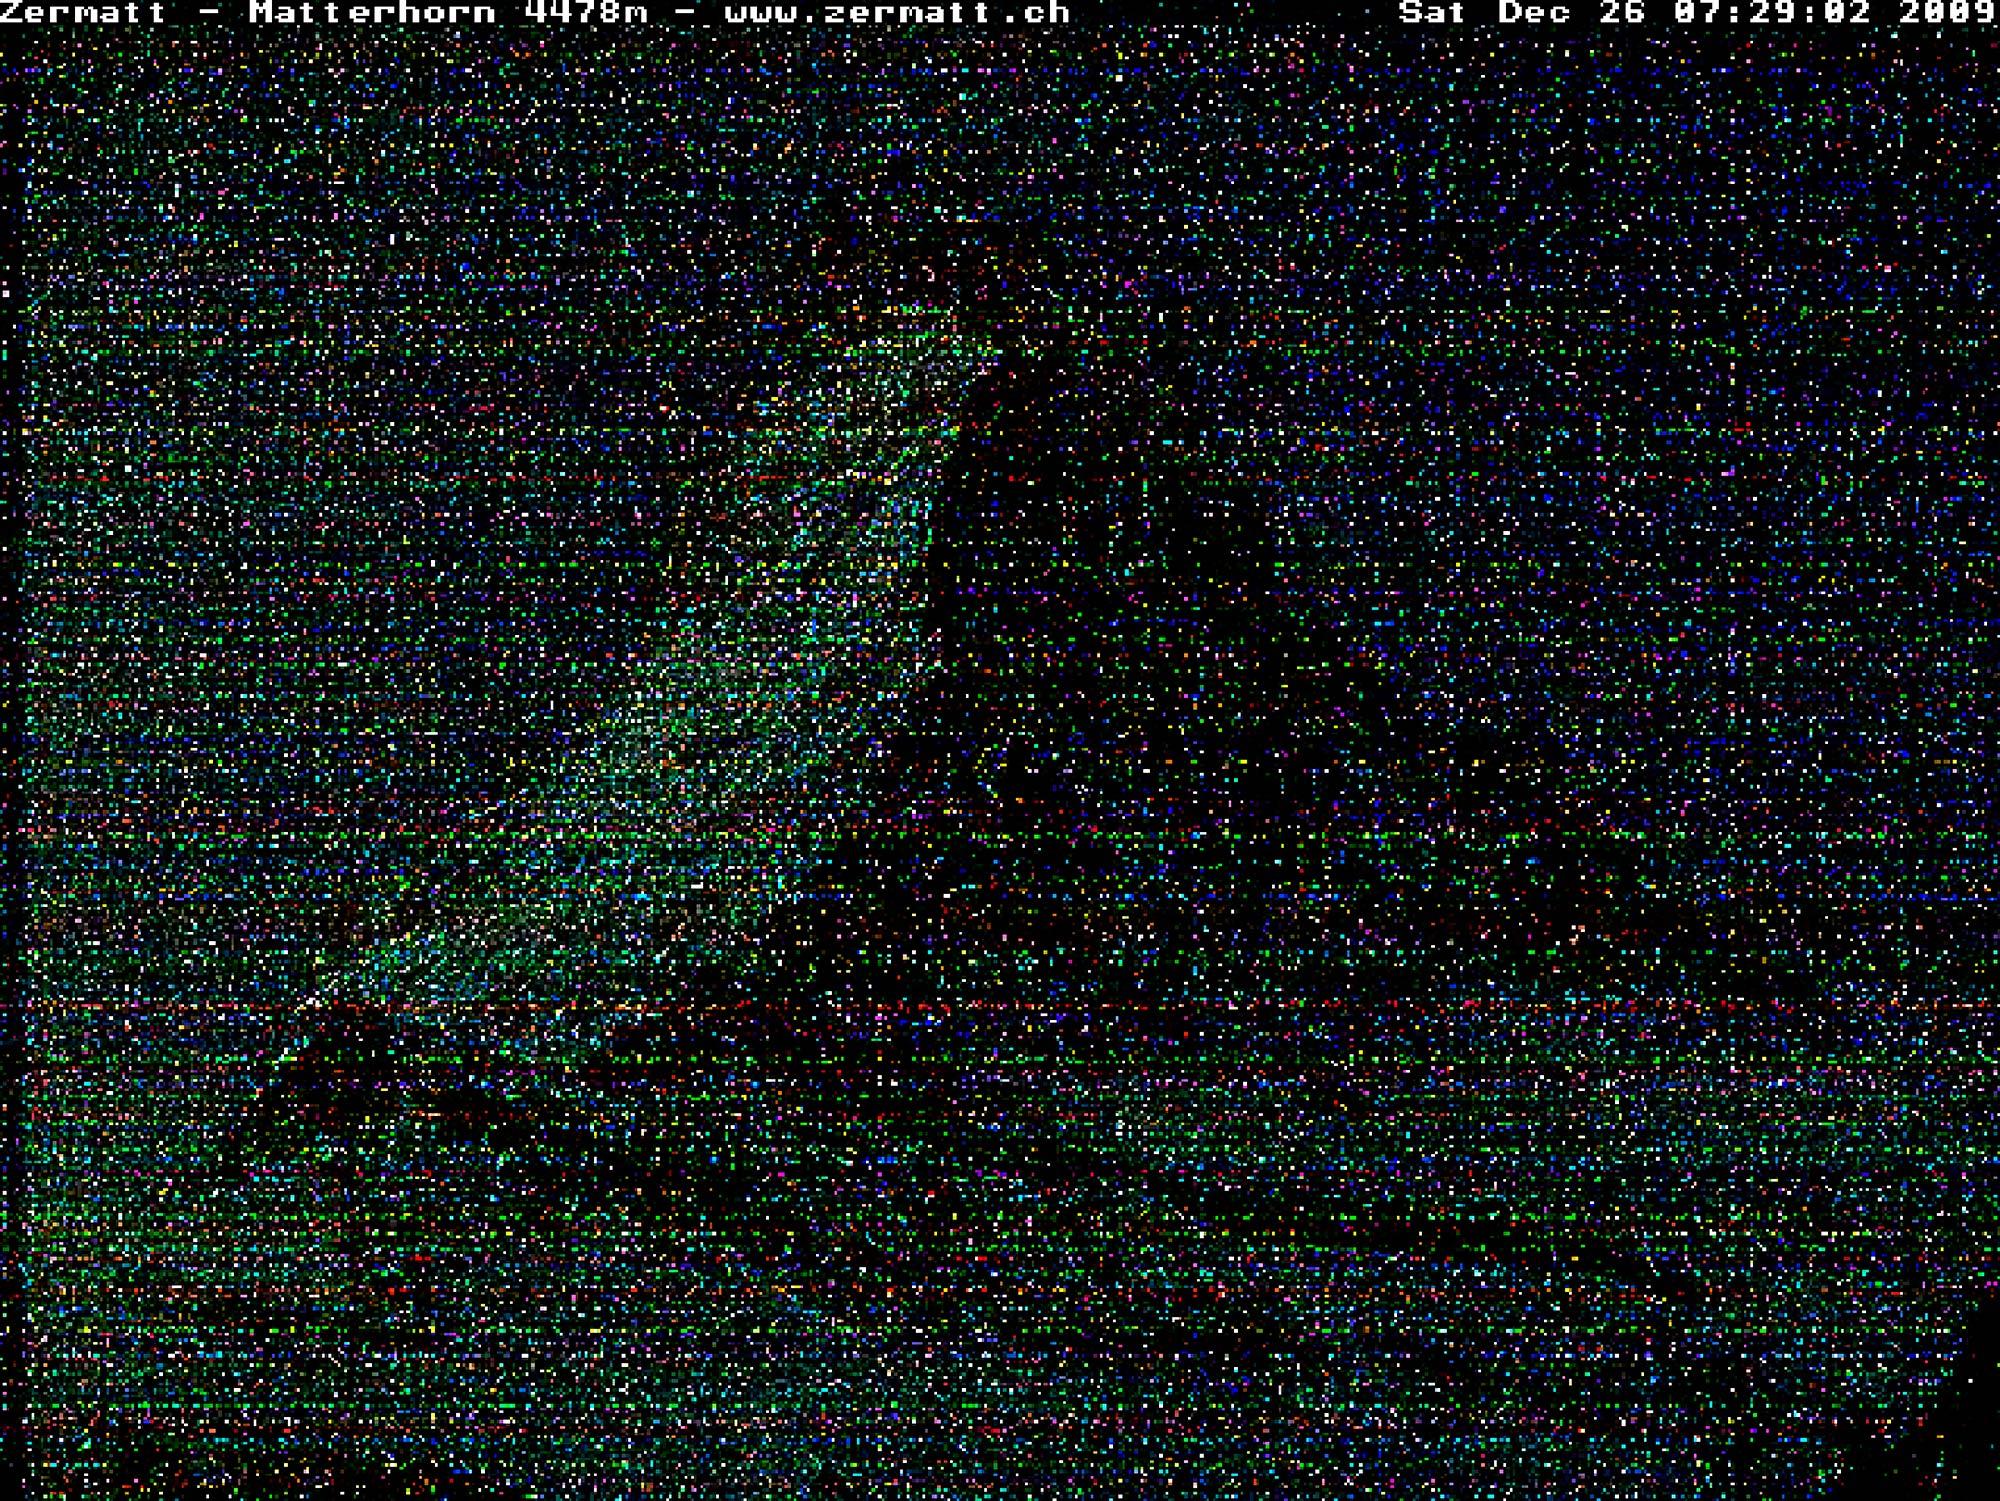 #0123 Matterhorn 2009 12 26